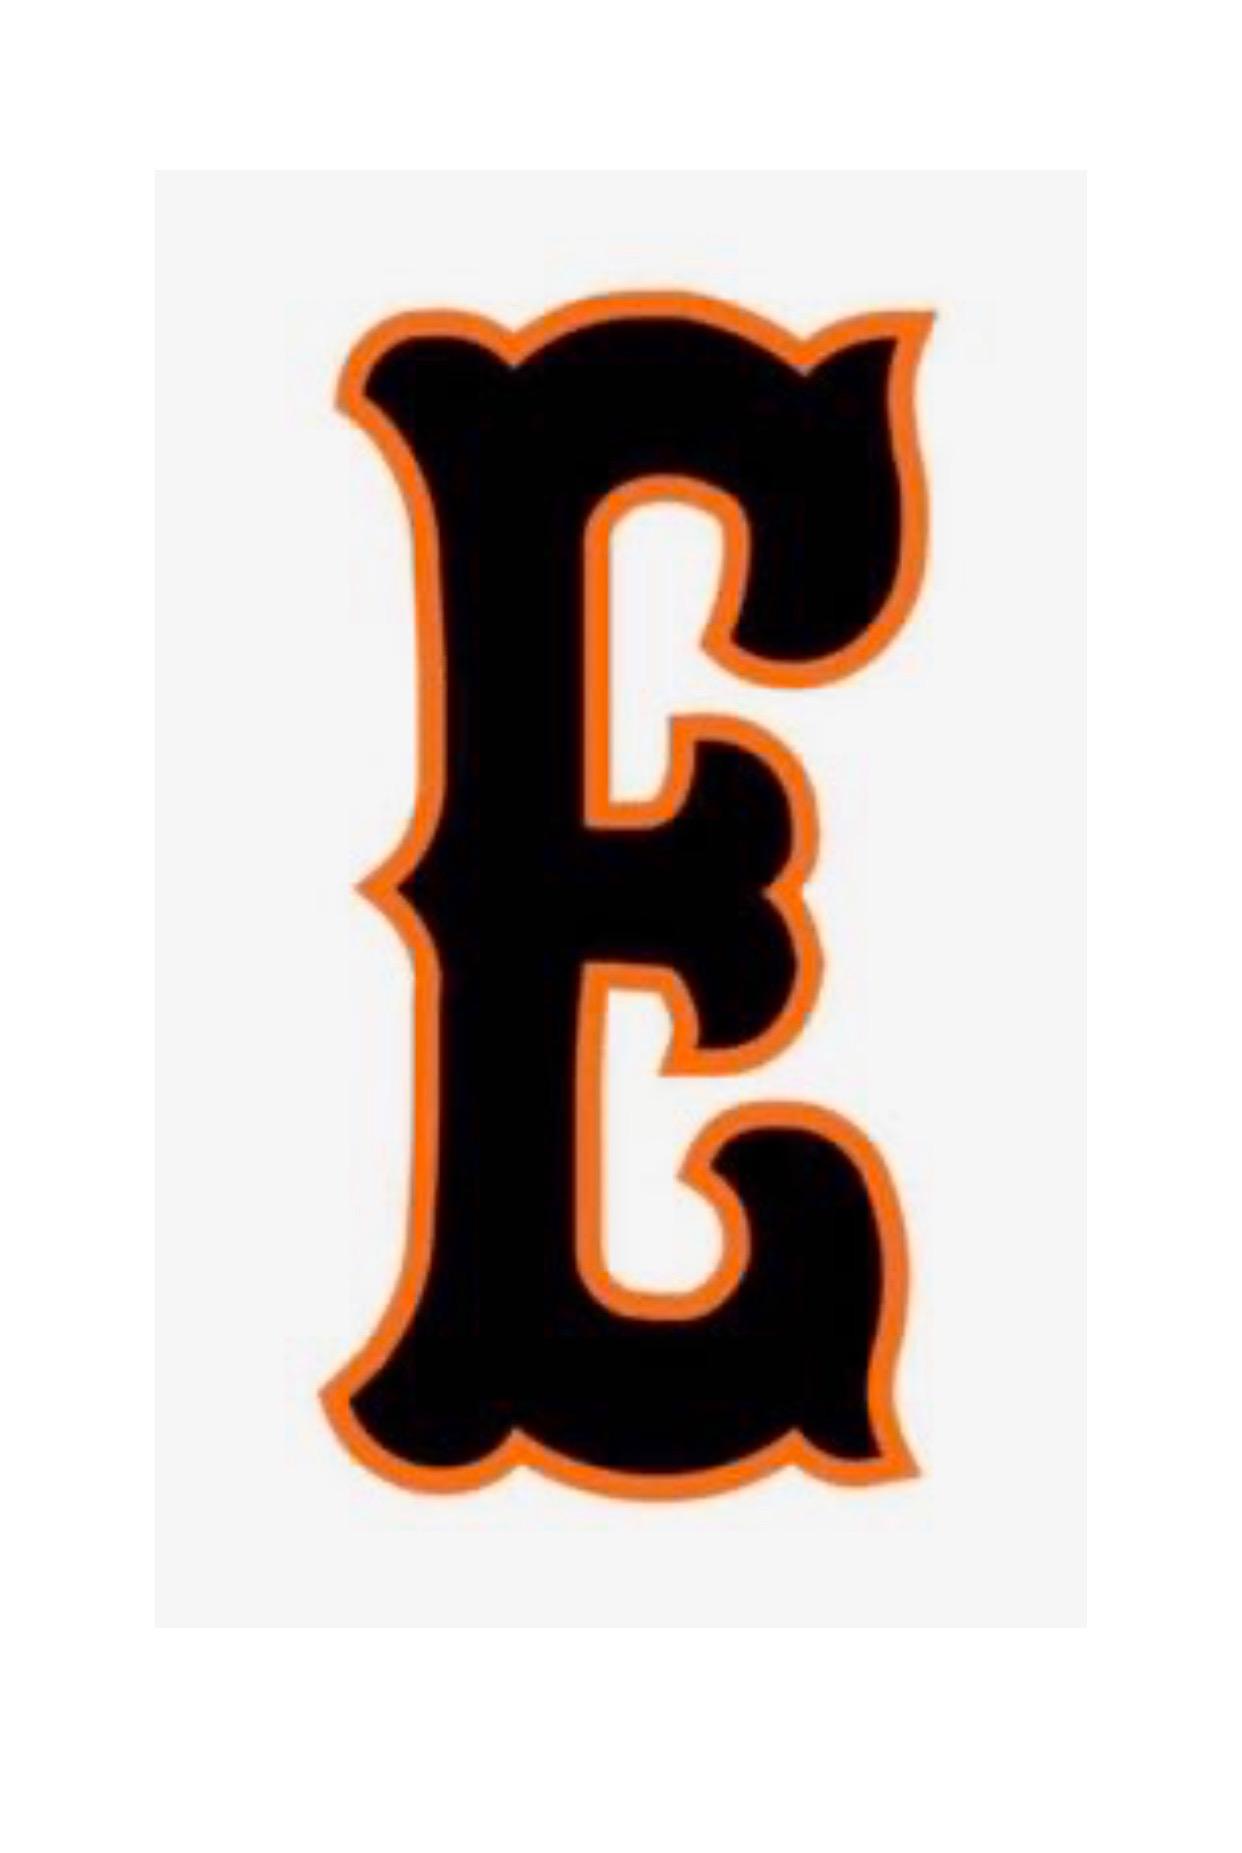 Elite Baseball Academy